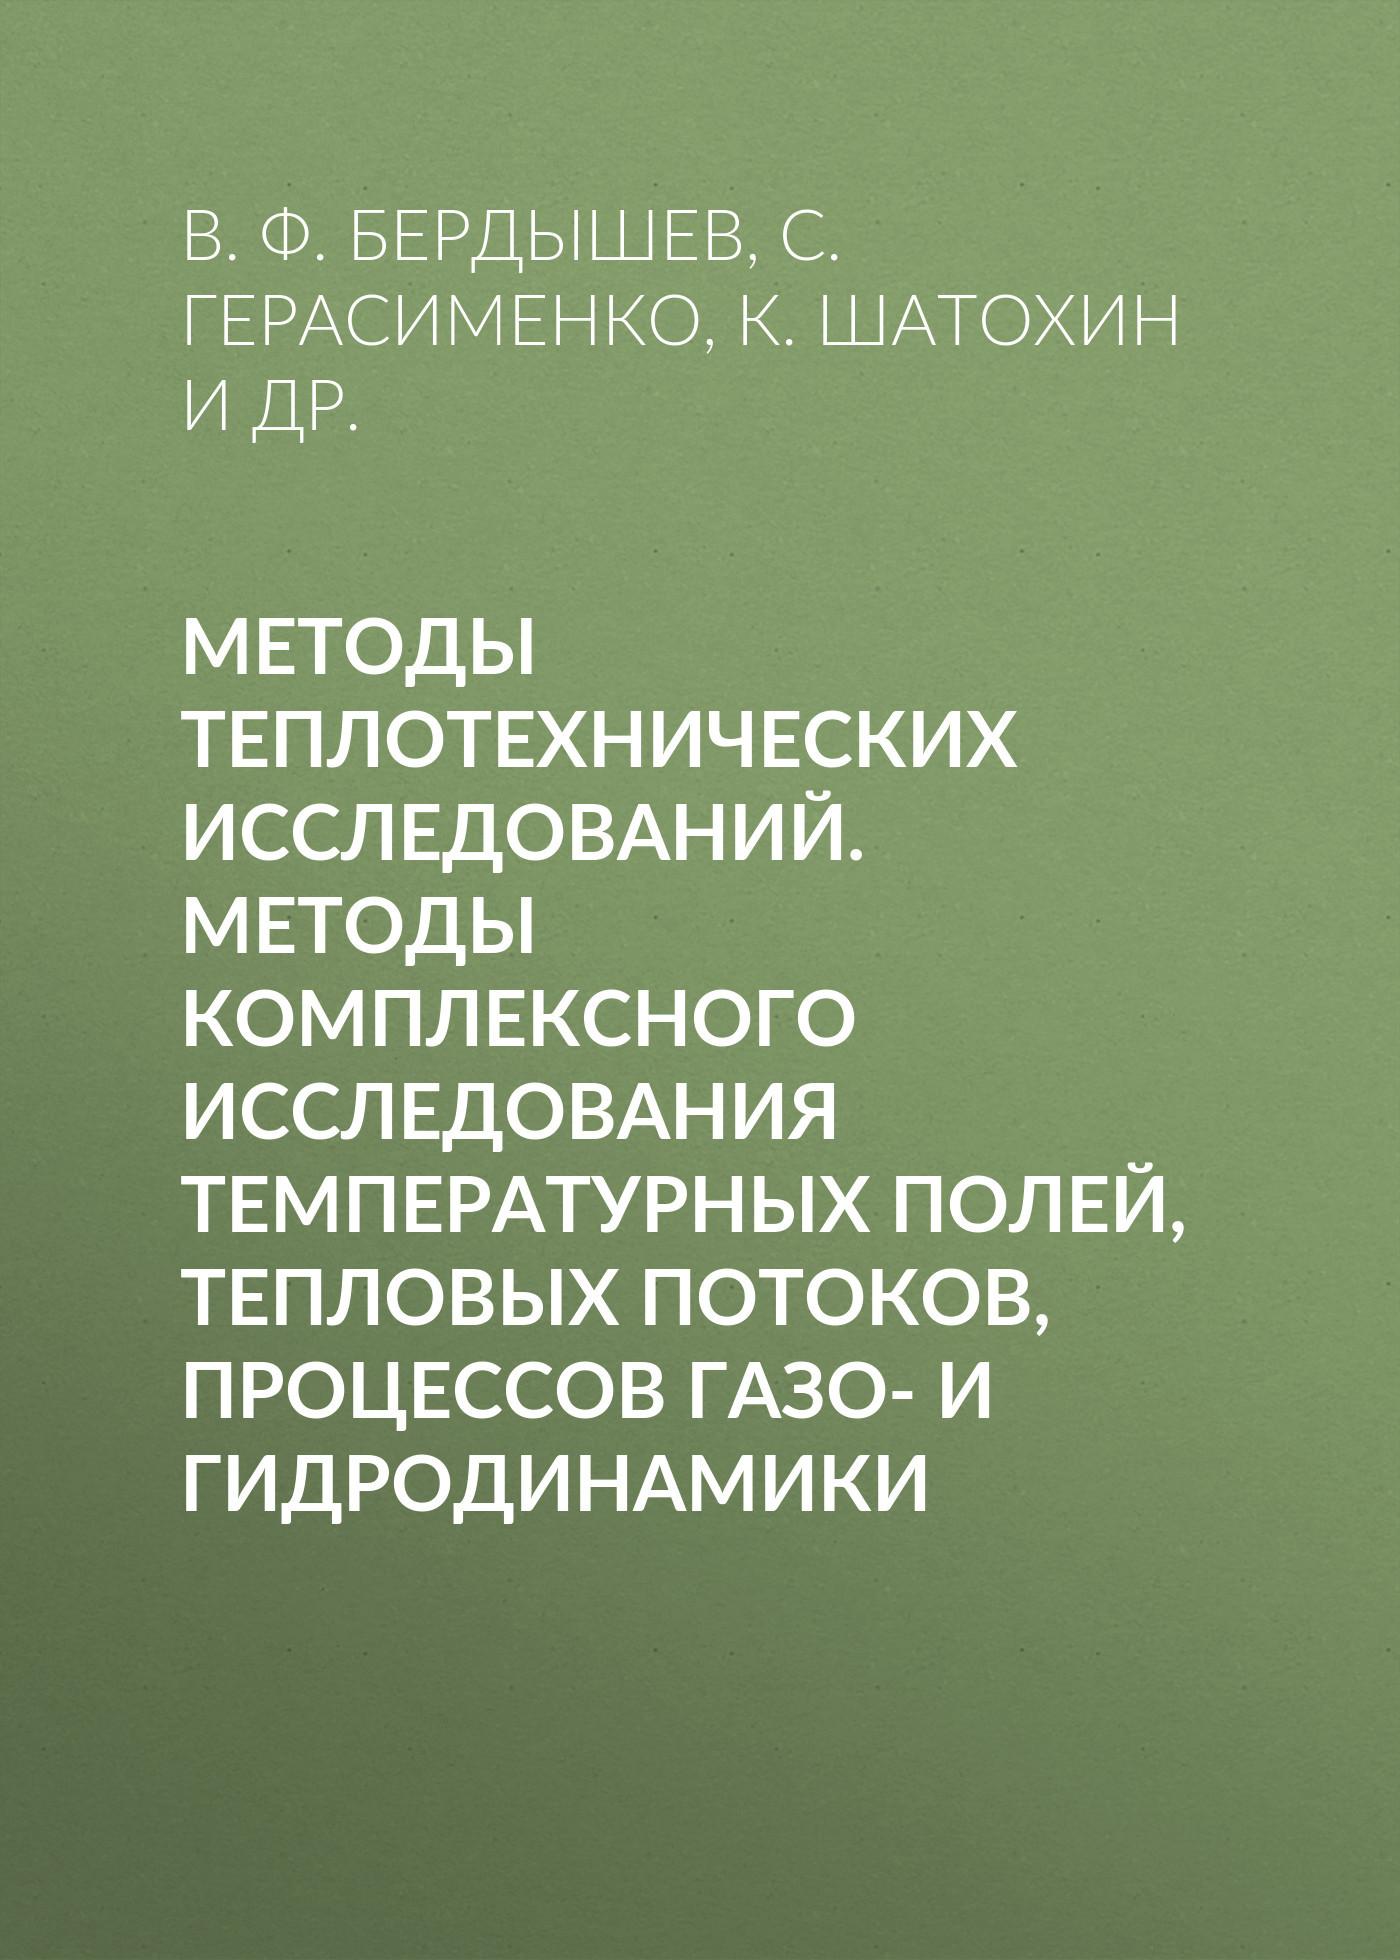 В. Ф. Бердышев Методы теплотехнических исследований. Методы комплексного исследования температурных полей, тепловых потоков, процессов газо- и гидродинамики